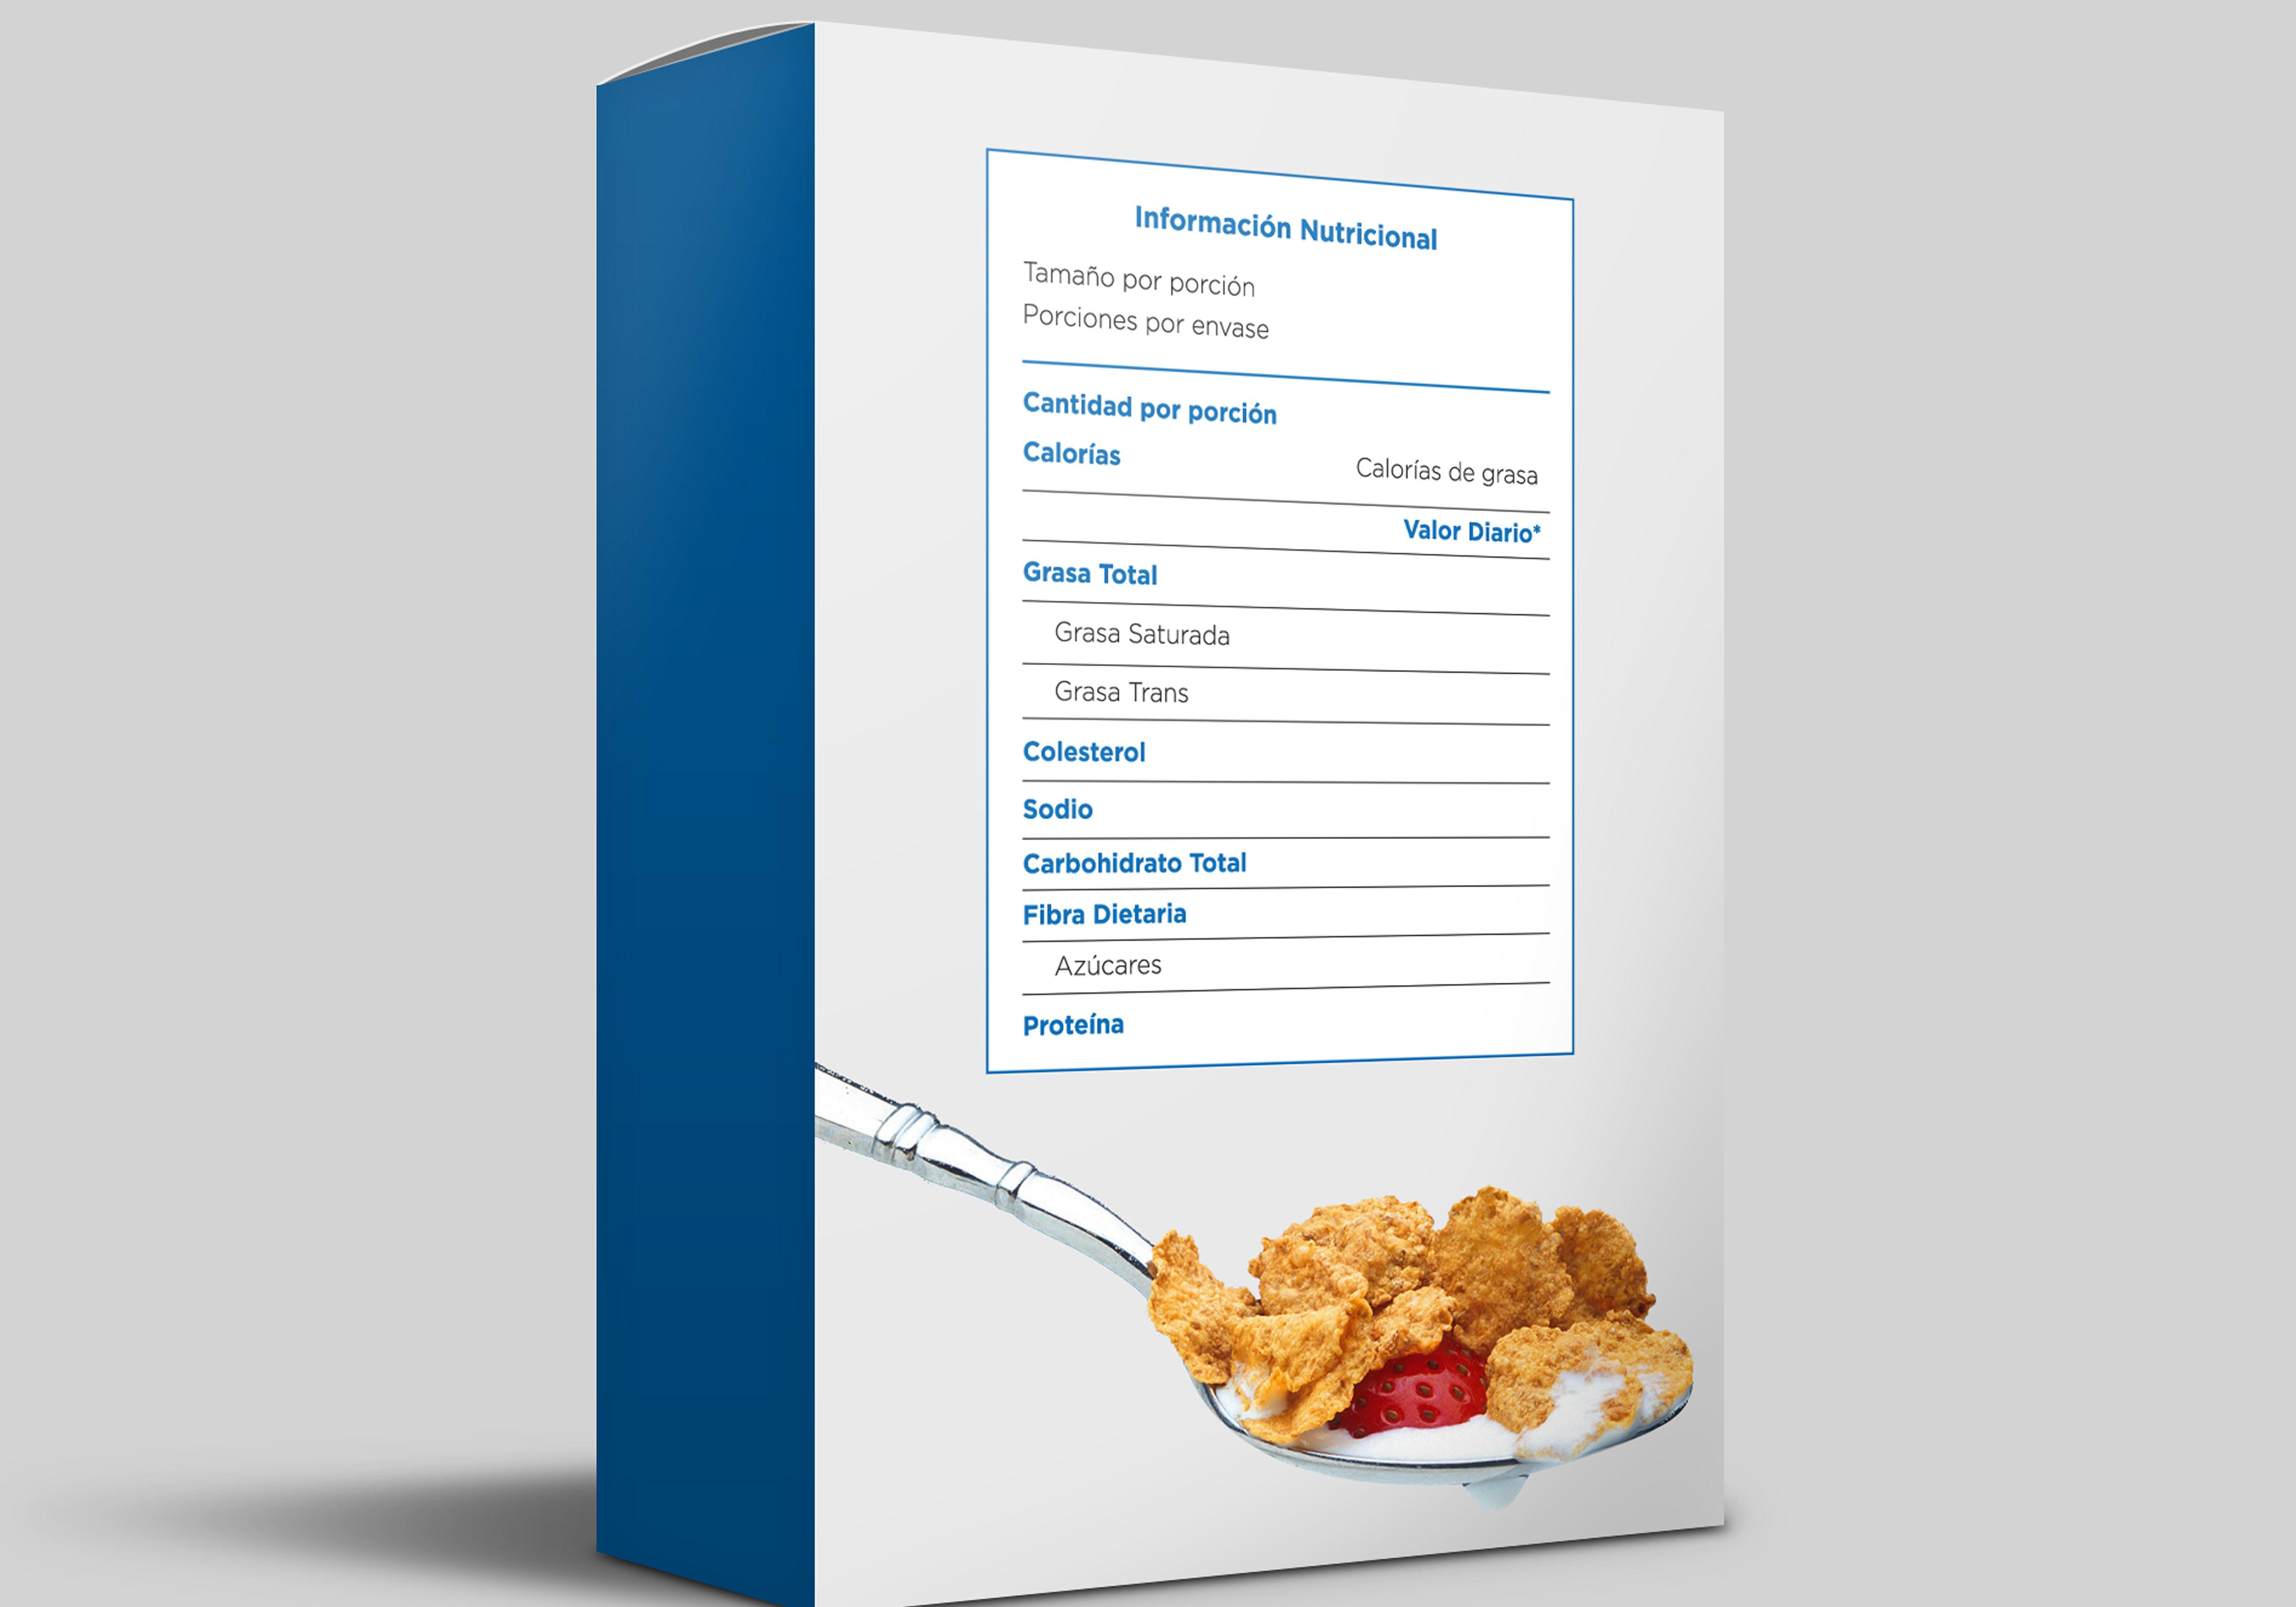 ¿La etiqueta de tu producto debe llevar una tabla nutricional?